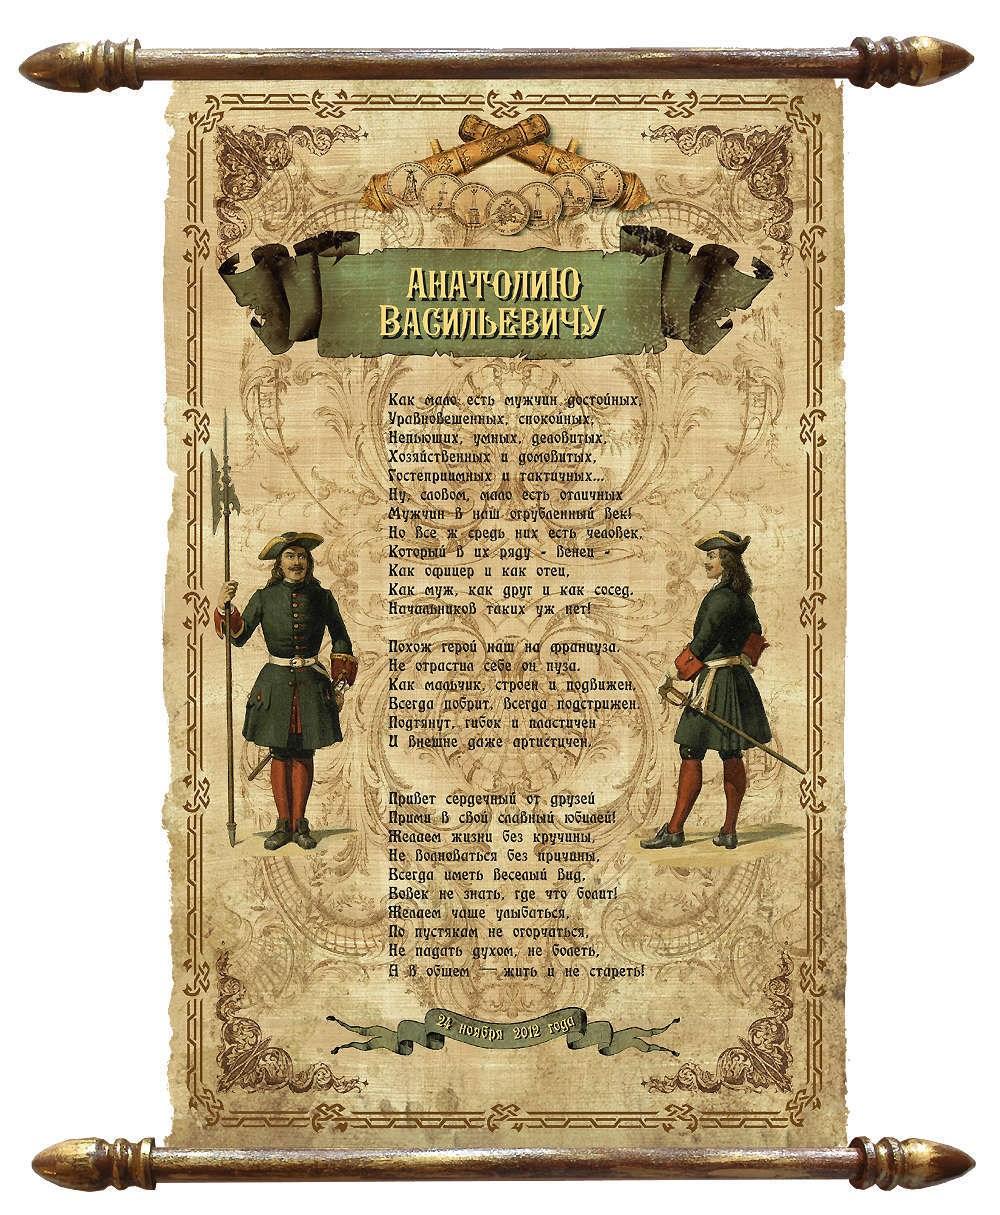 Поздравление на старорусский лад 35